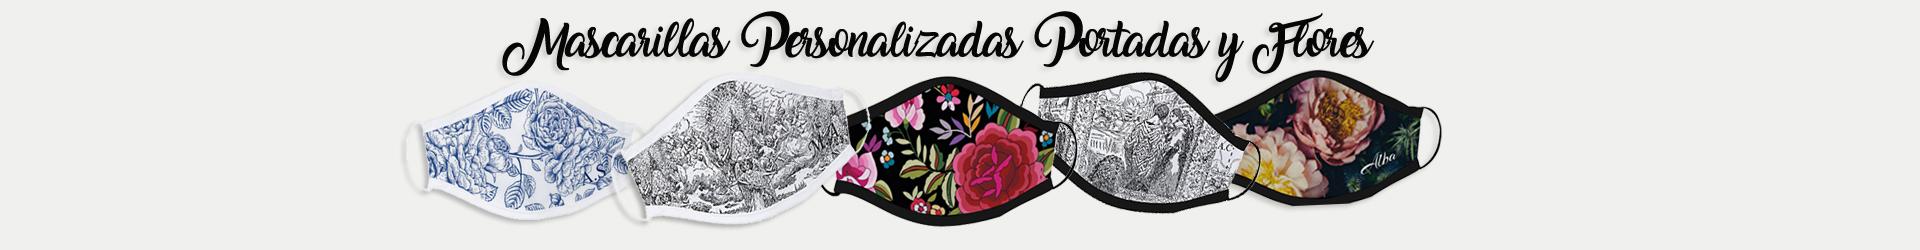 Mascarillas personalizadas Heraldo de Aragón en homenaje Ofrenda y a la Virgen Pilar